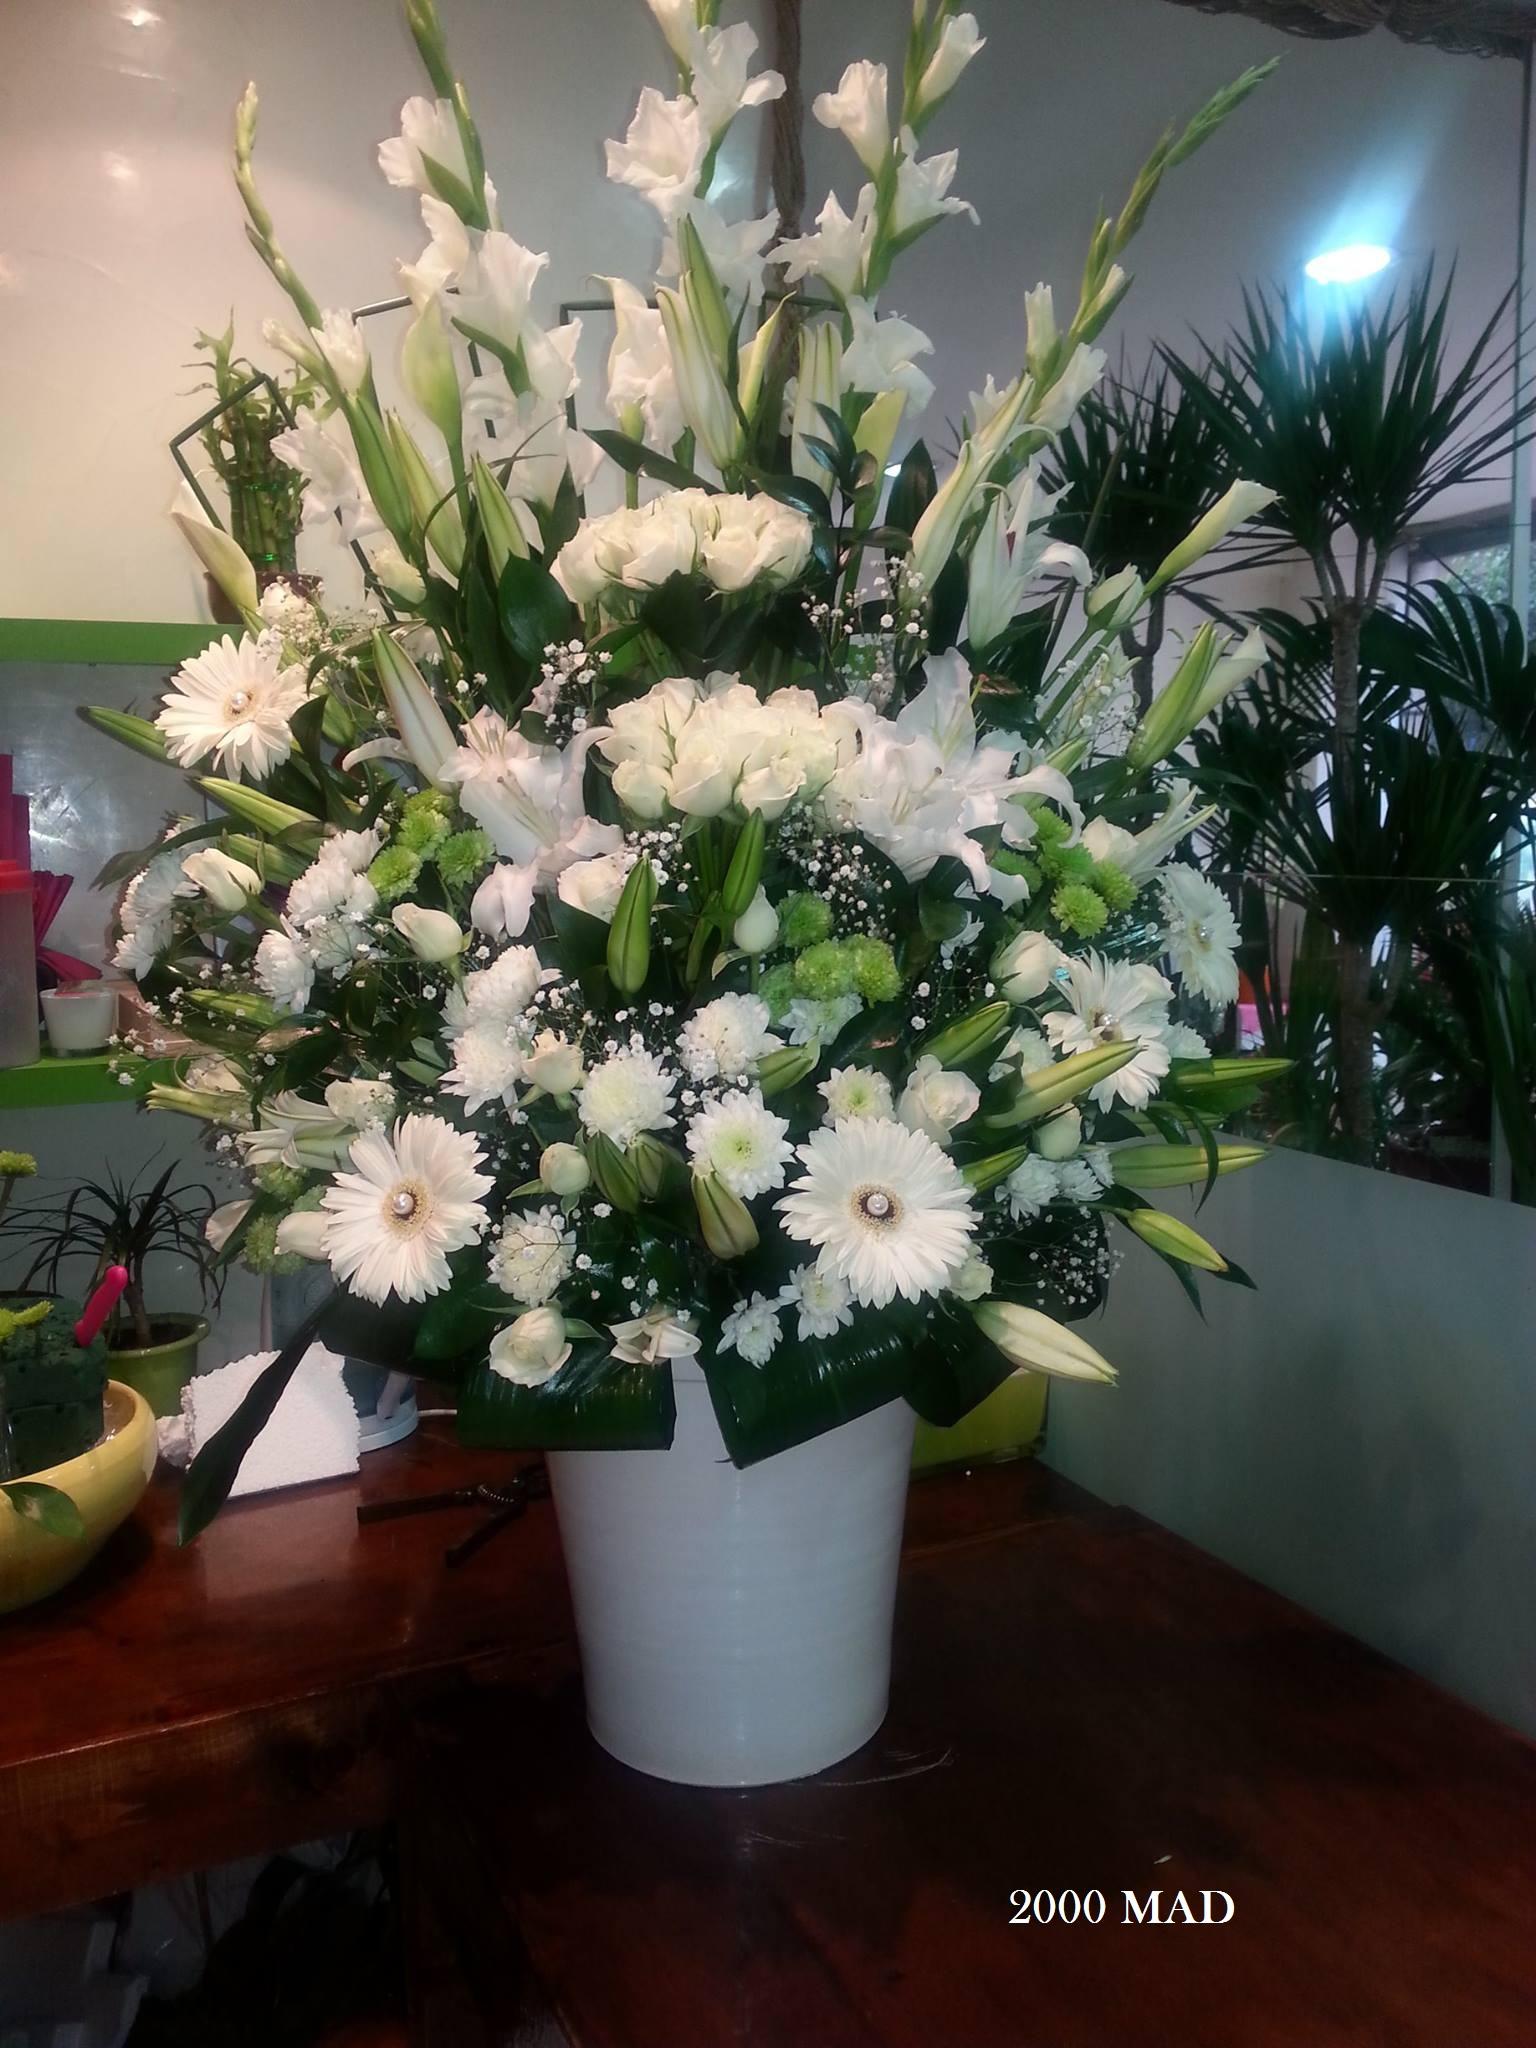 Livraison de fleurs composition mafleur ma maroc for Livraison de fleurs demain